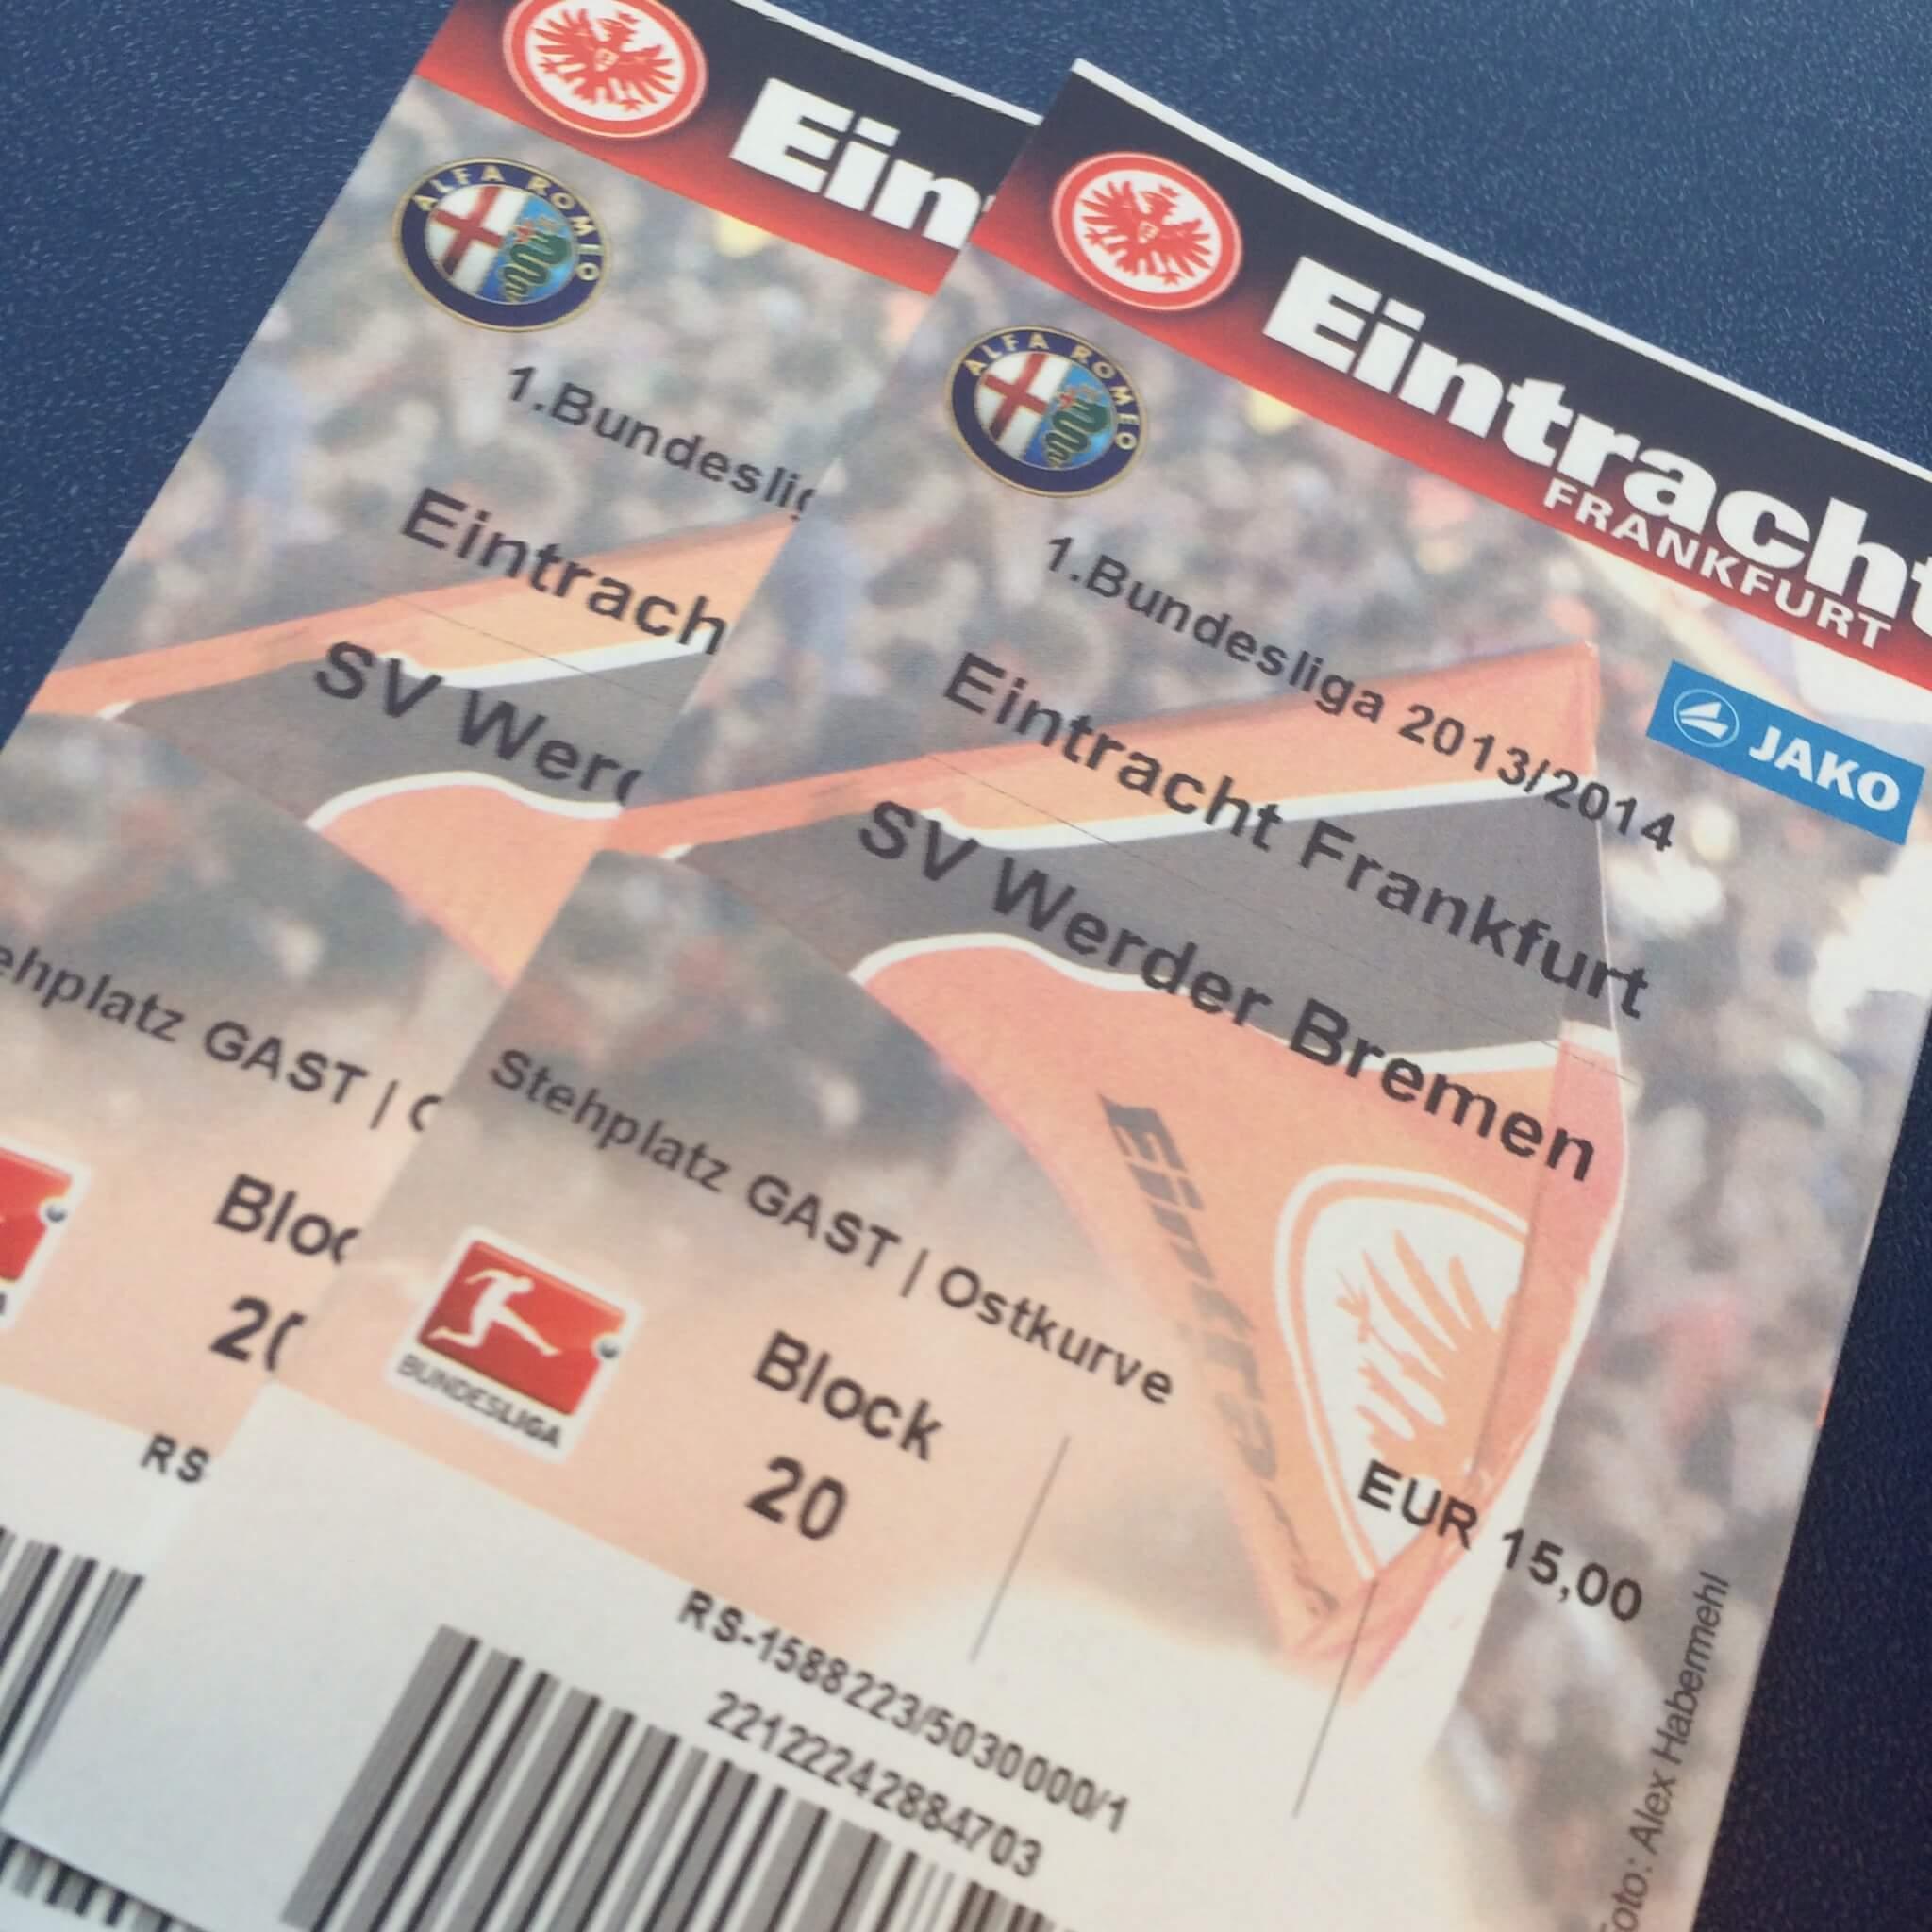 Eintracht Frankfurt - SV Werder Bremen